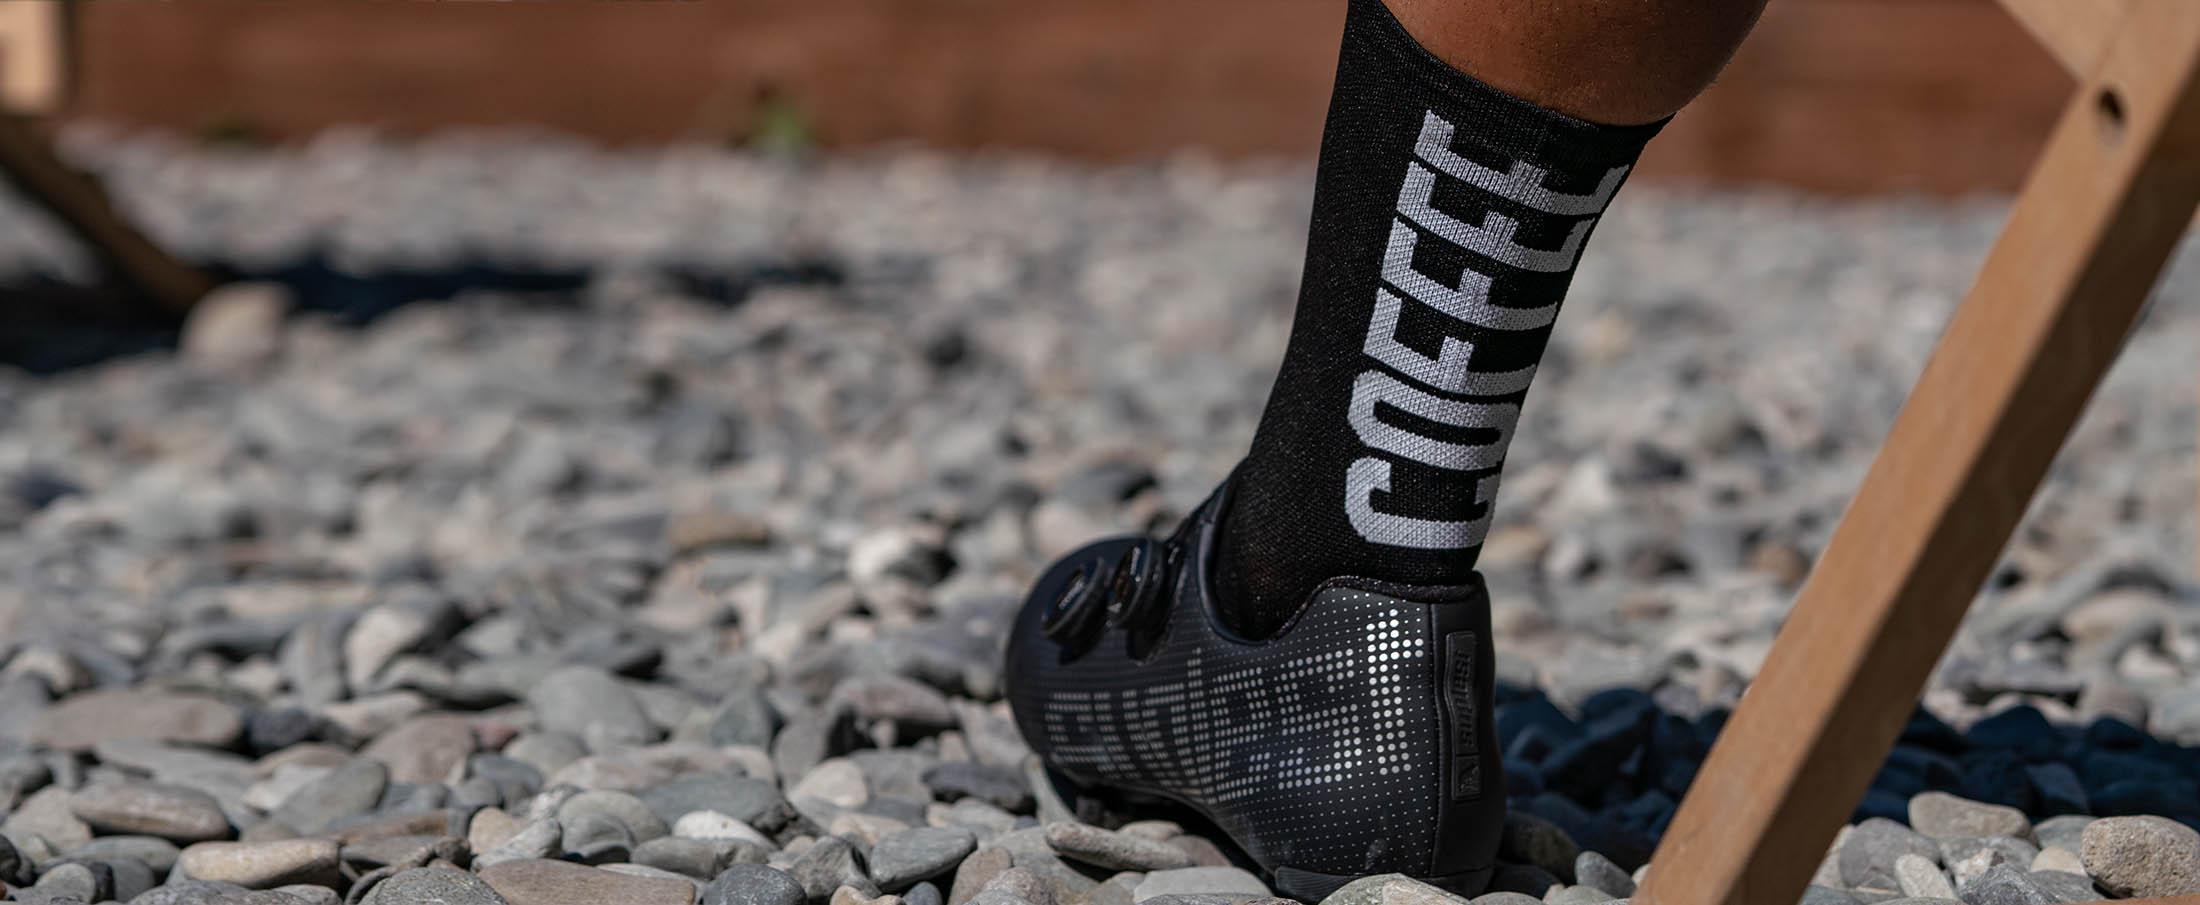 stopa kolarza w odpowiednich treningowych skarpetkach z napisem coffee ride i czarnymi butami szosowymi Suplest